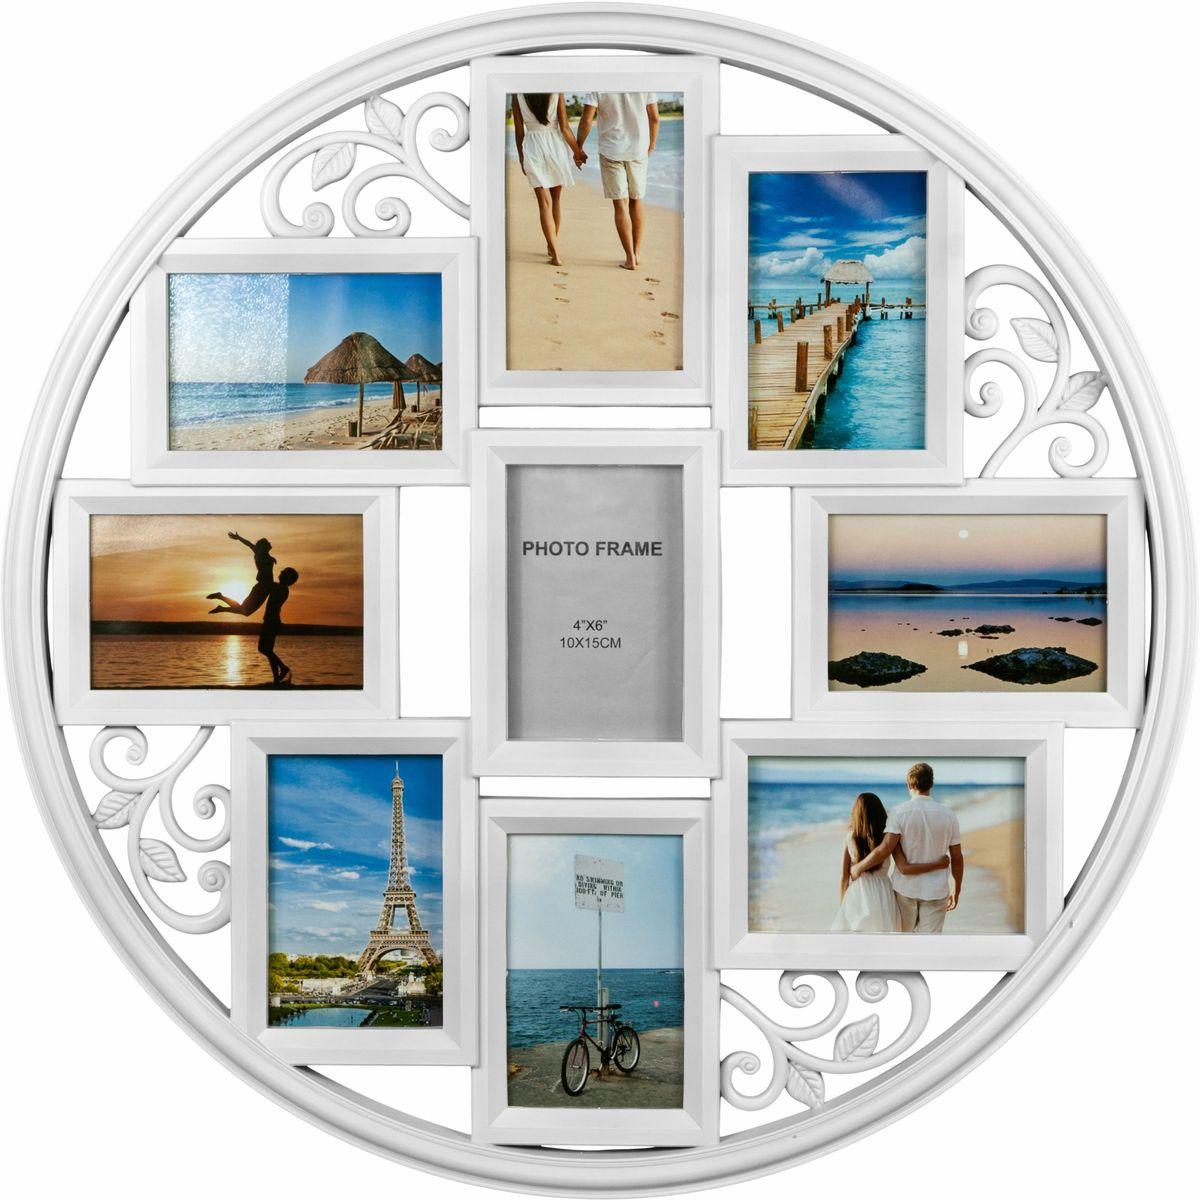 Фоторамка Platinum, цвет: белый, на 9 фото 10 х 15 смU210DFФоторамка Platinum - прекрасный способ красиво оформить ваши фотографии. Фоторамка выполнена из пластика и защищена стеклом. Фоторамка-коллаж представляет собой шесть фоторамок для фото одного размера оригинально соединенных между собой. Такая фоторамка поможет сохранить в памяти самые яркие моменты вашей жизни, а стильный дизайн сделает ее прекрасным дополнением интерьера комнаты. Фоторамка подходит для фотографий 10 х 15 см.Общий размер фоторамки: 60 х 60 см.